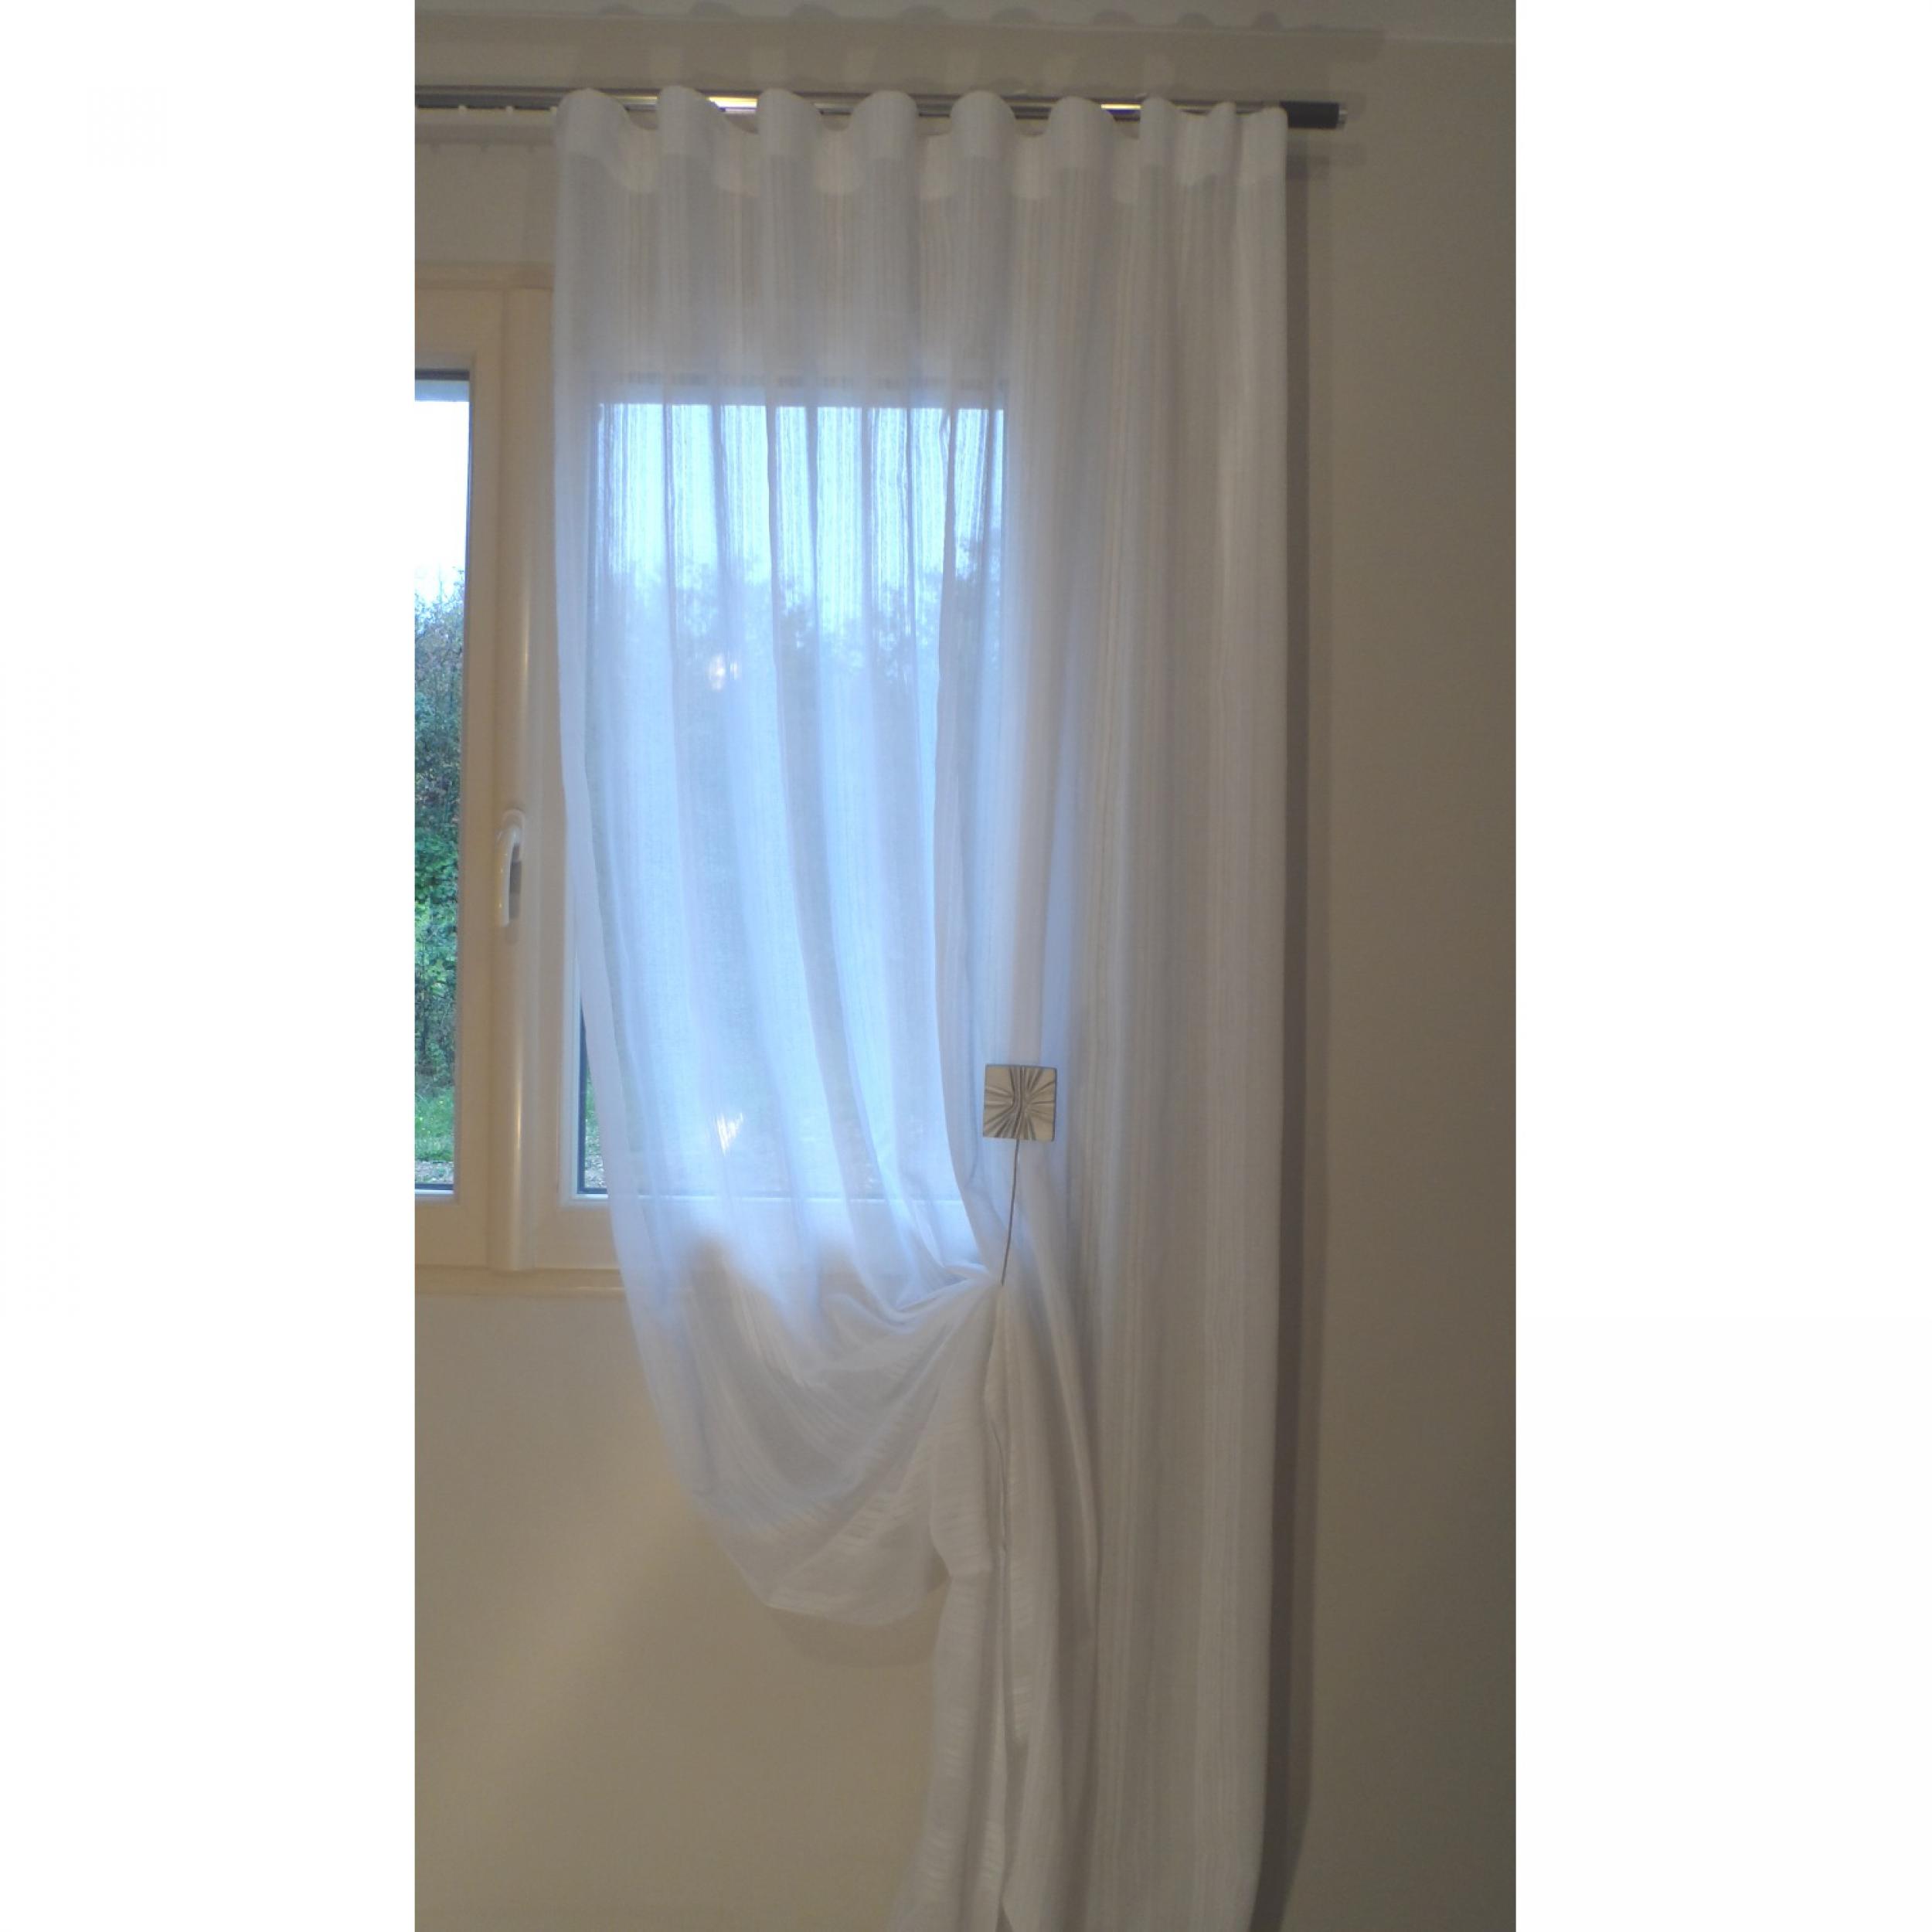 fresh embrasse rideau ikea id es de conception de rideaux. Black Bedroom Furniture Sets. Home Design Ideas